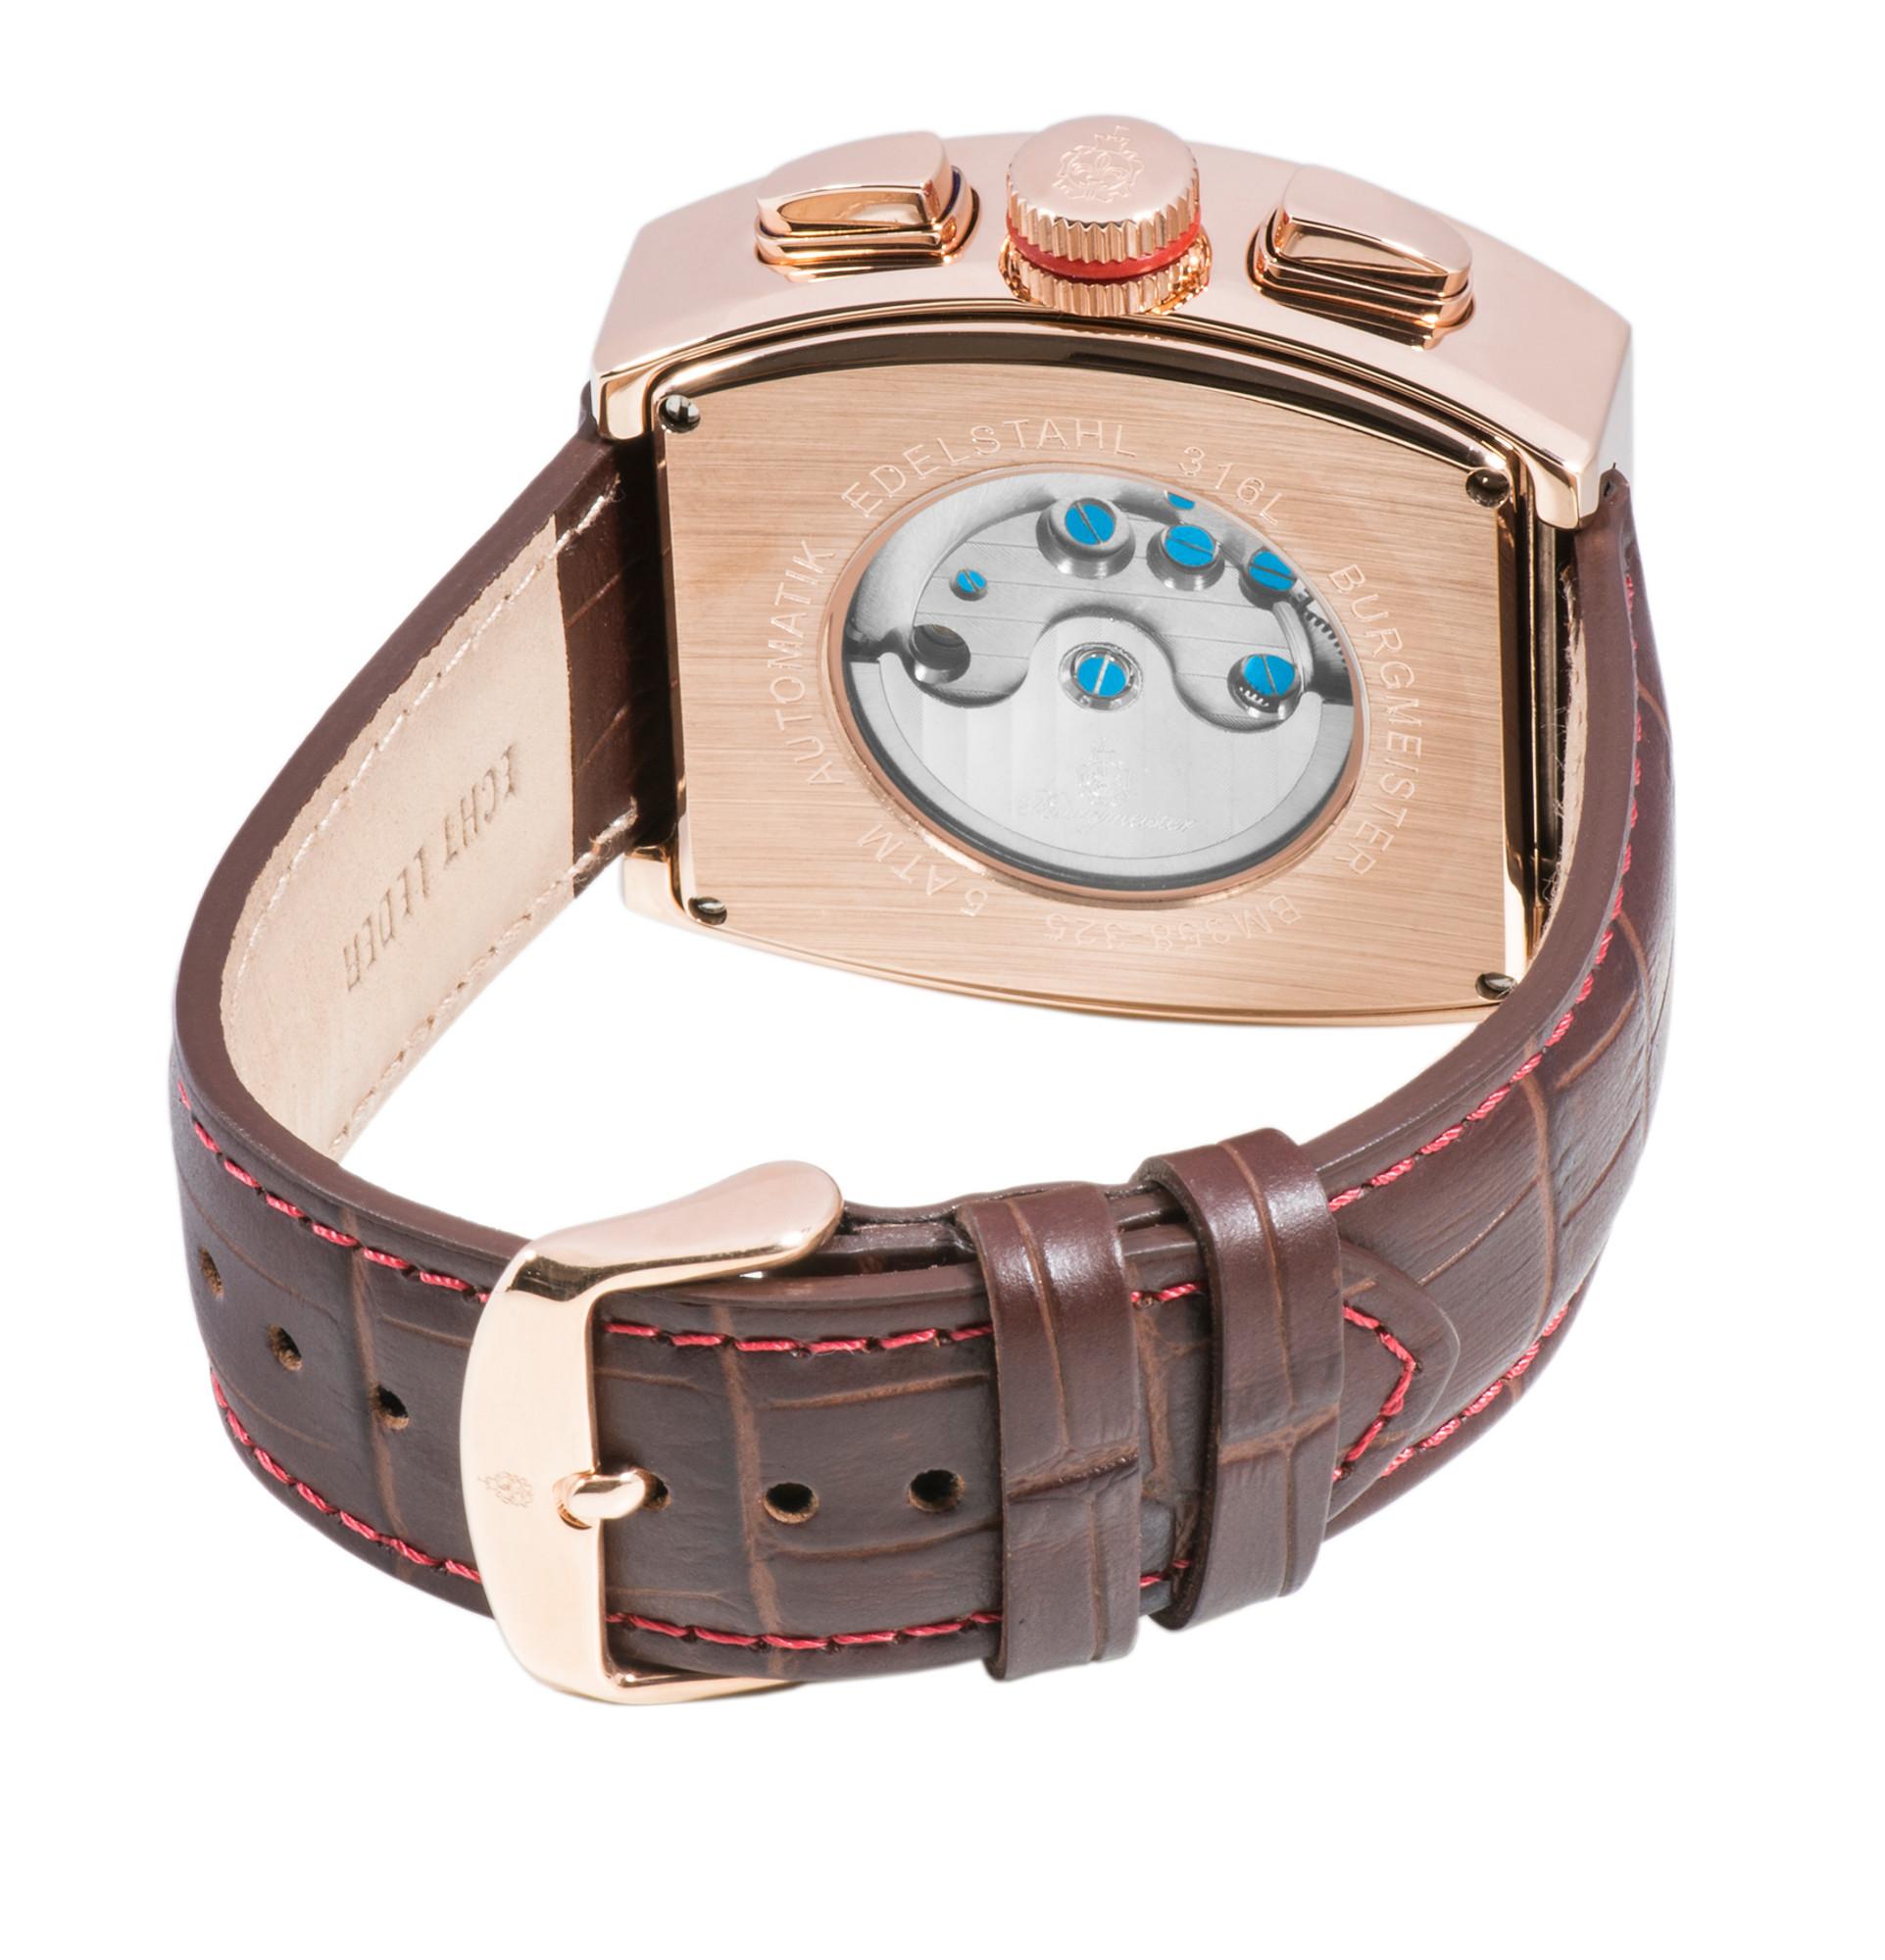 Für Uhr Analog Mit Herren Armbanduhr AnzeigeAutomatik Burgmeister qcL54S3ARj